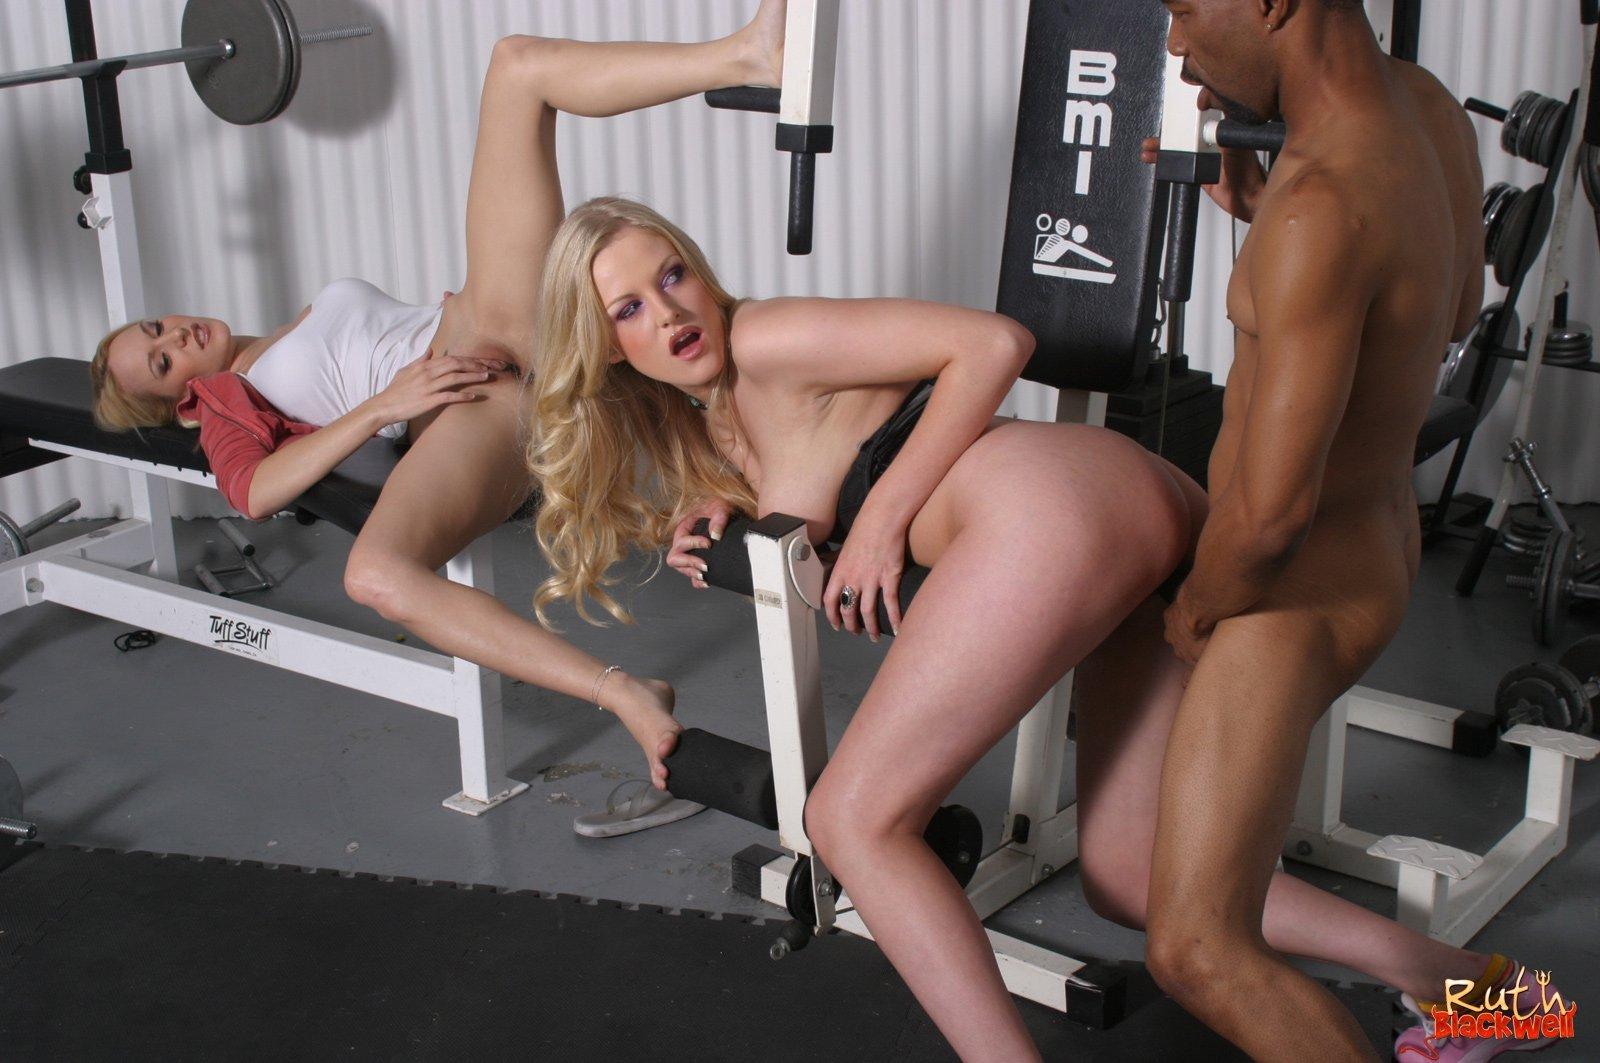 Порно Фильмы В Фитнес Залах